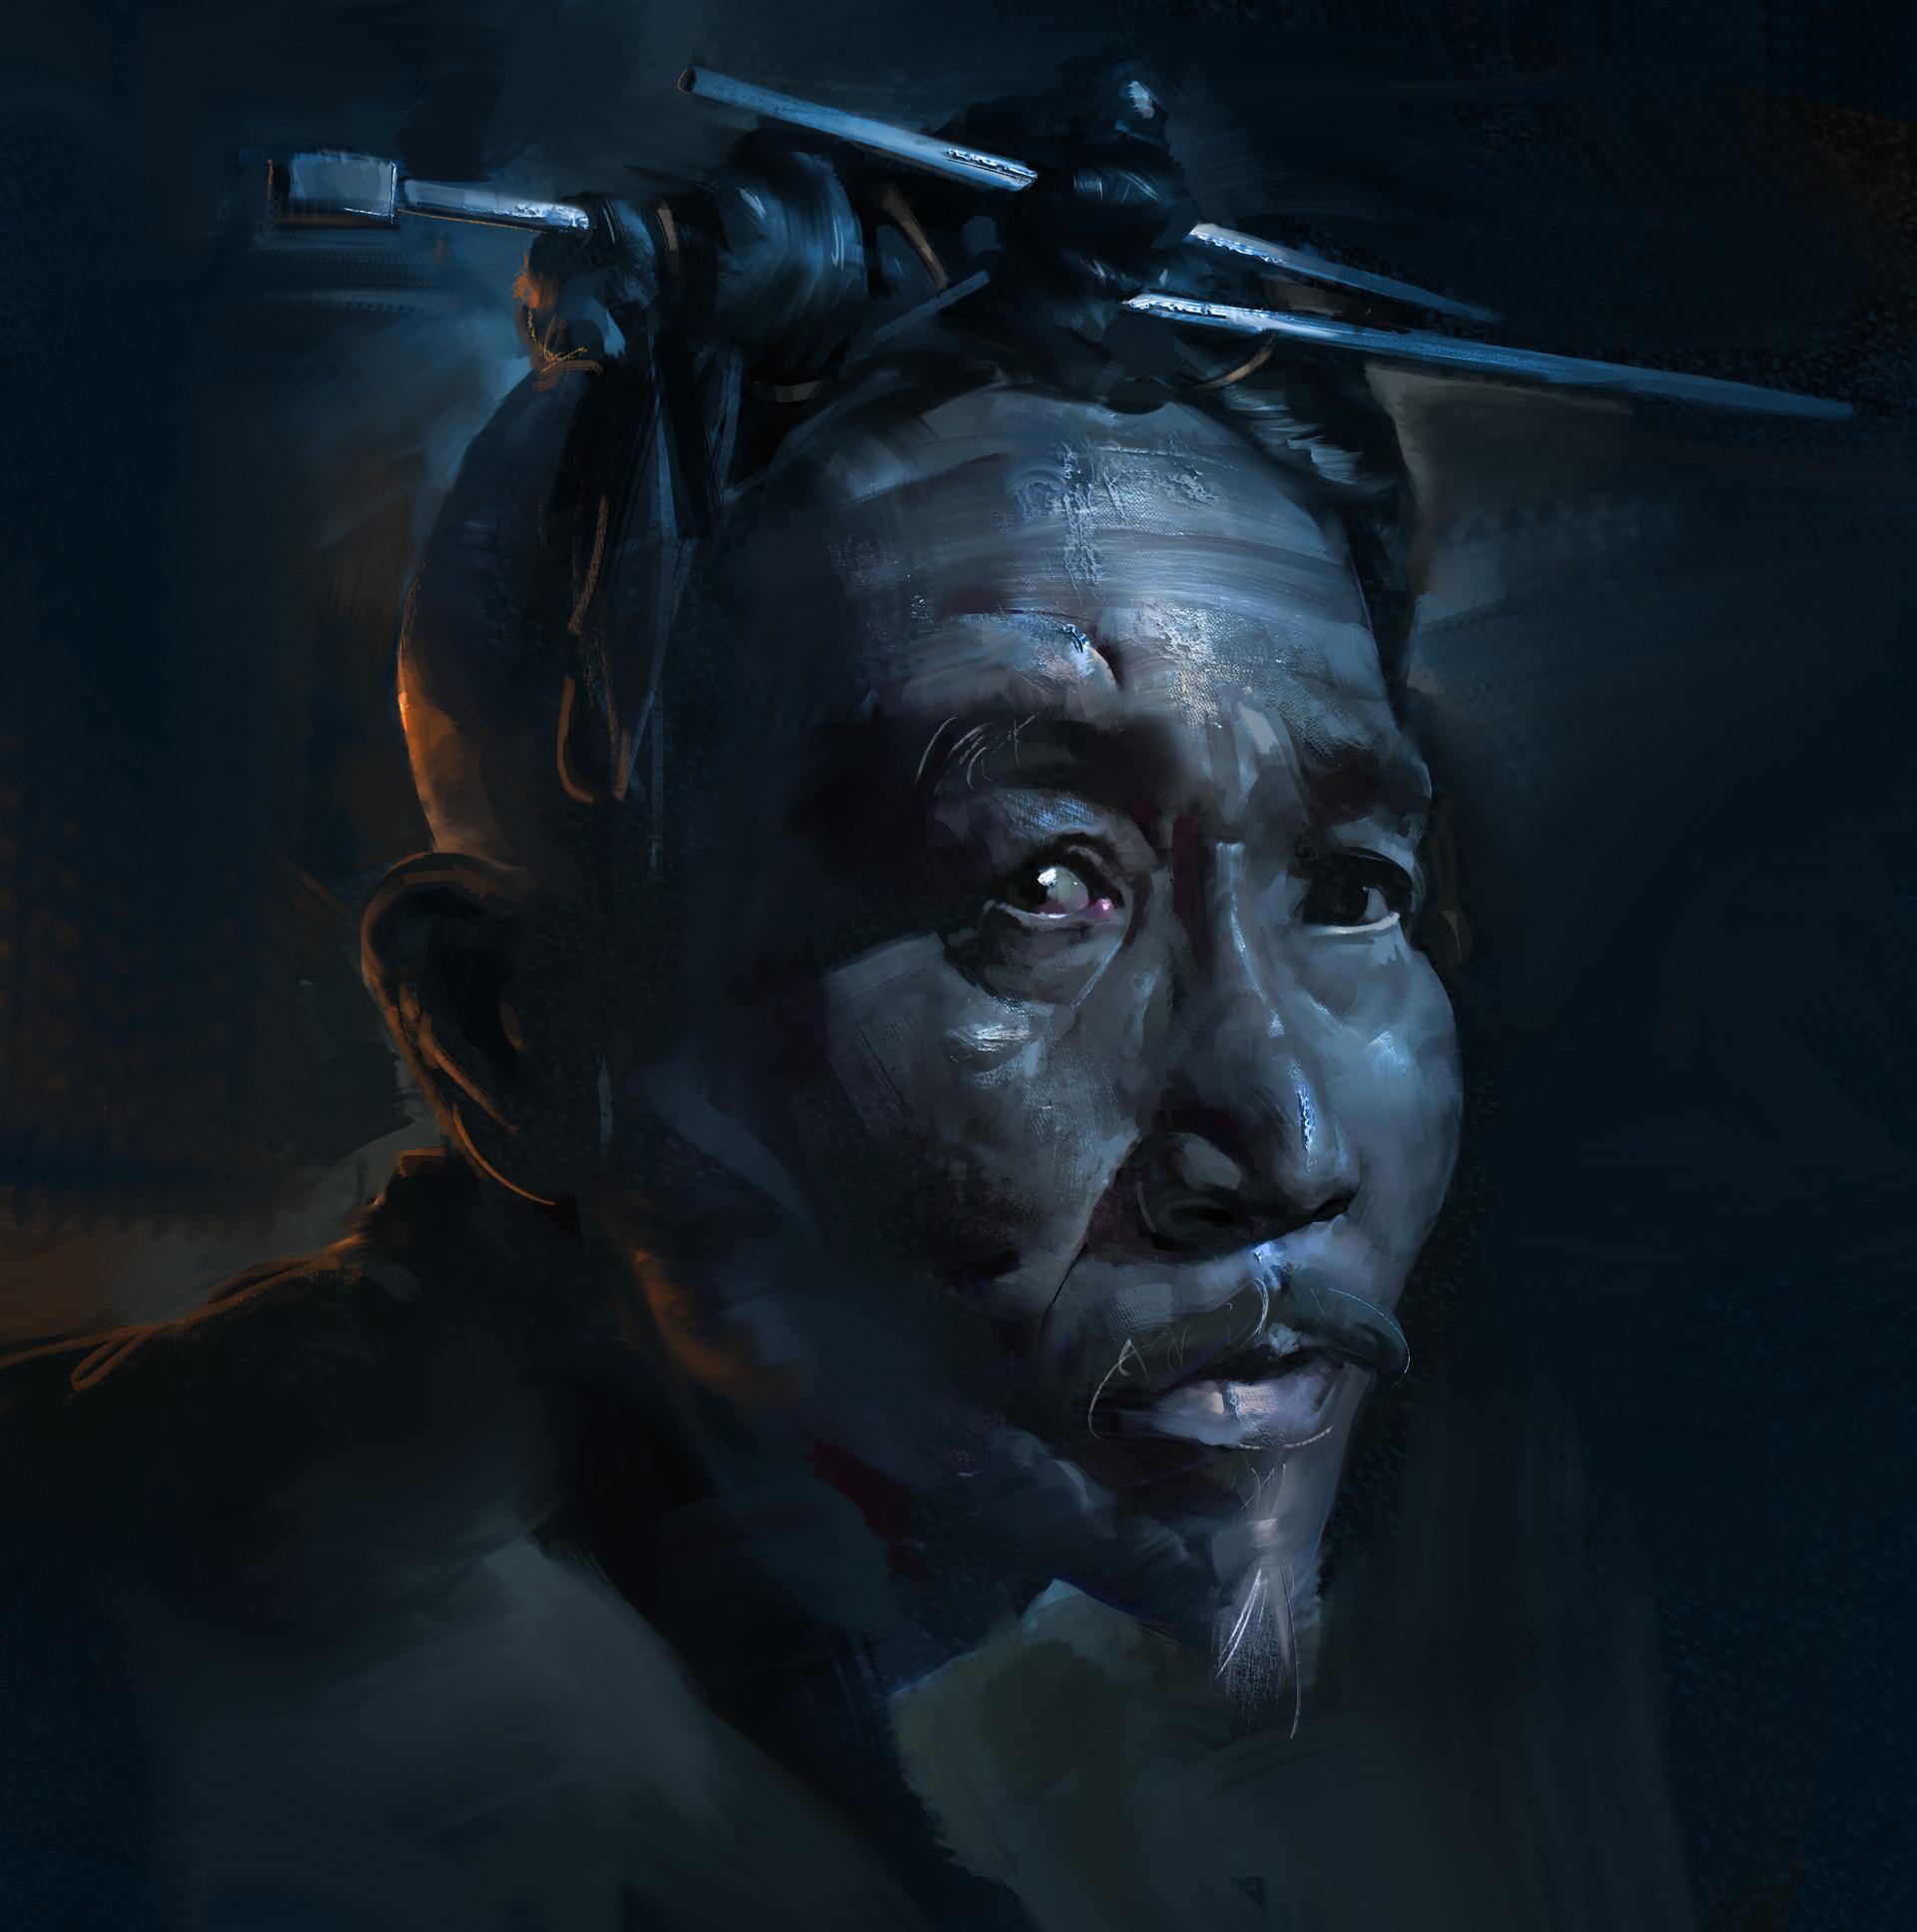 Nikolai karelin old asian4